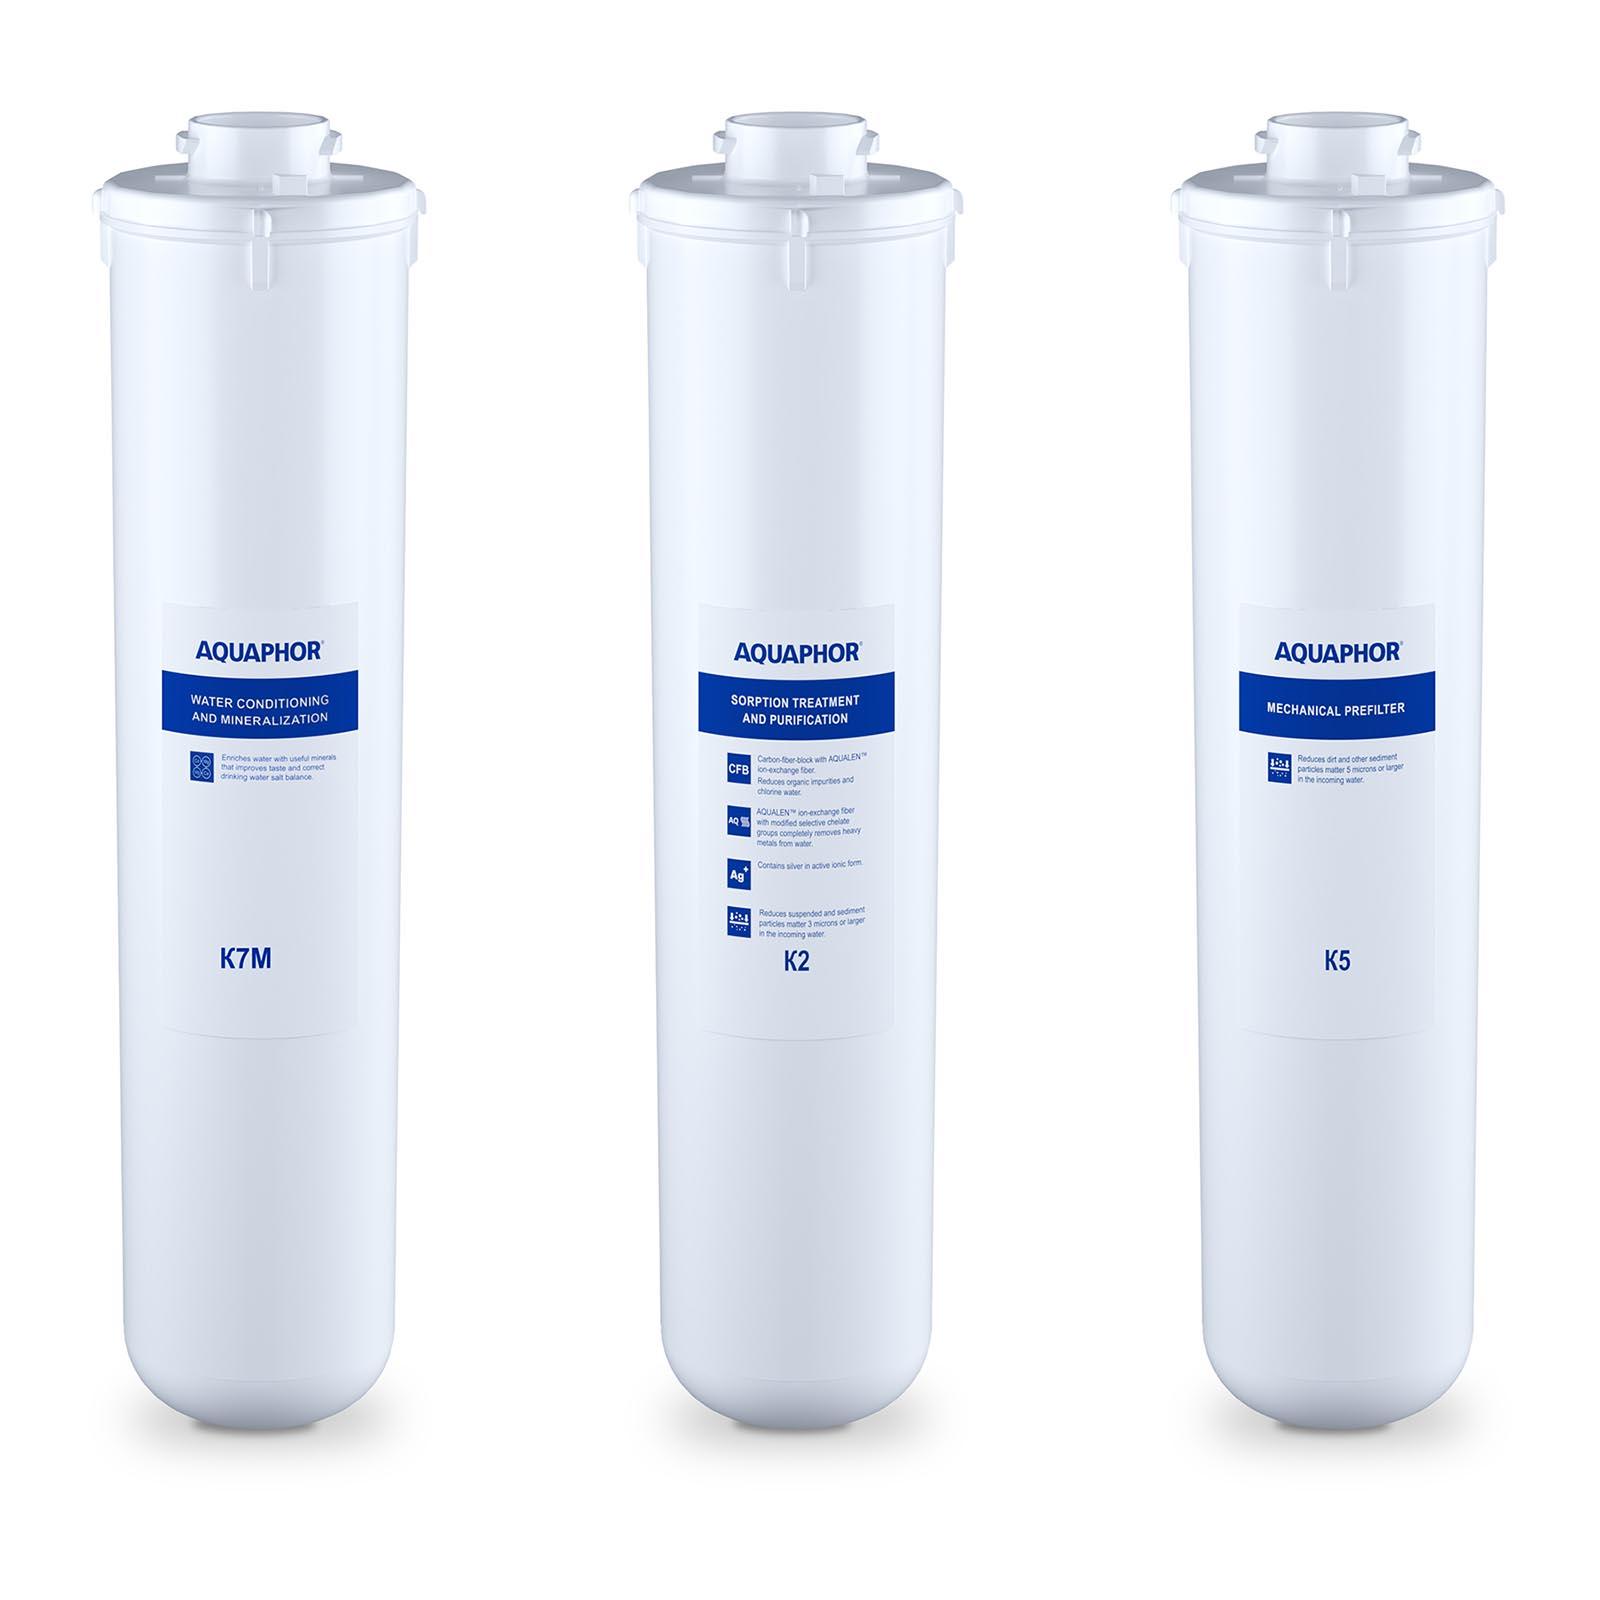 Vízlágyító berendezések